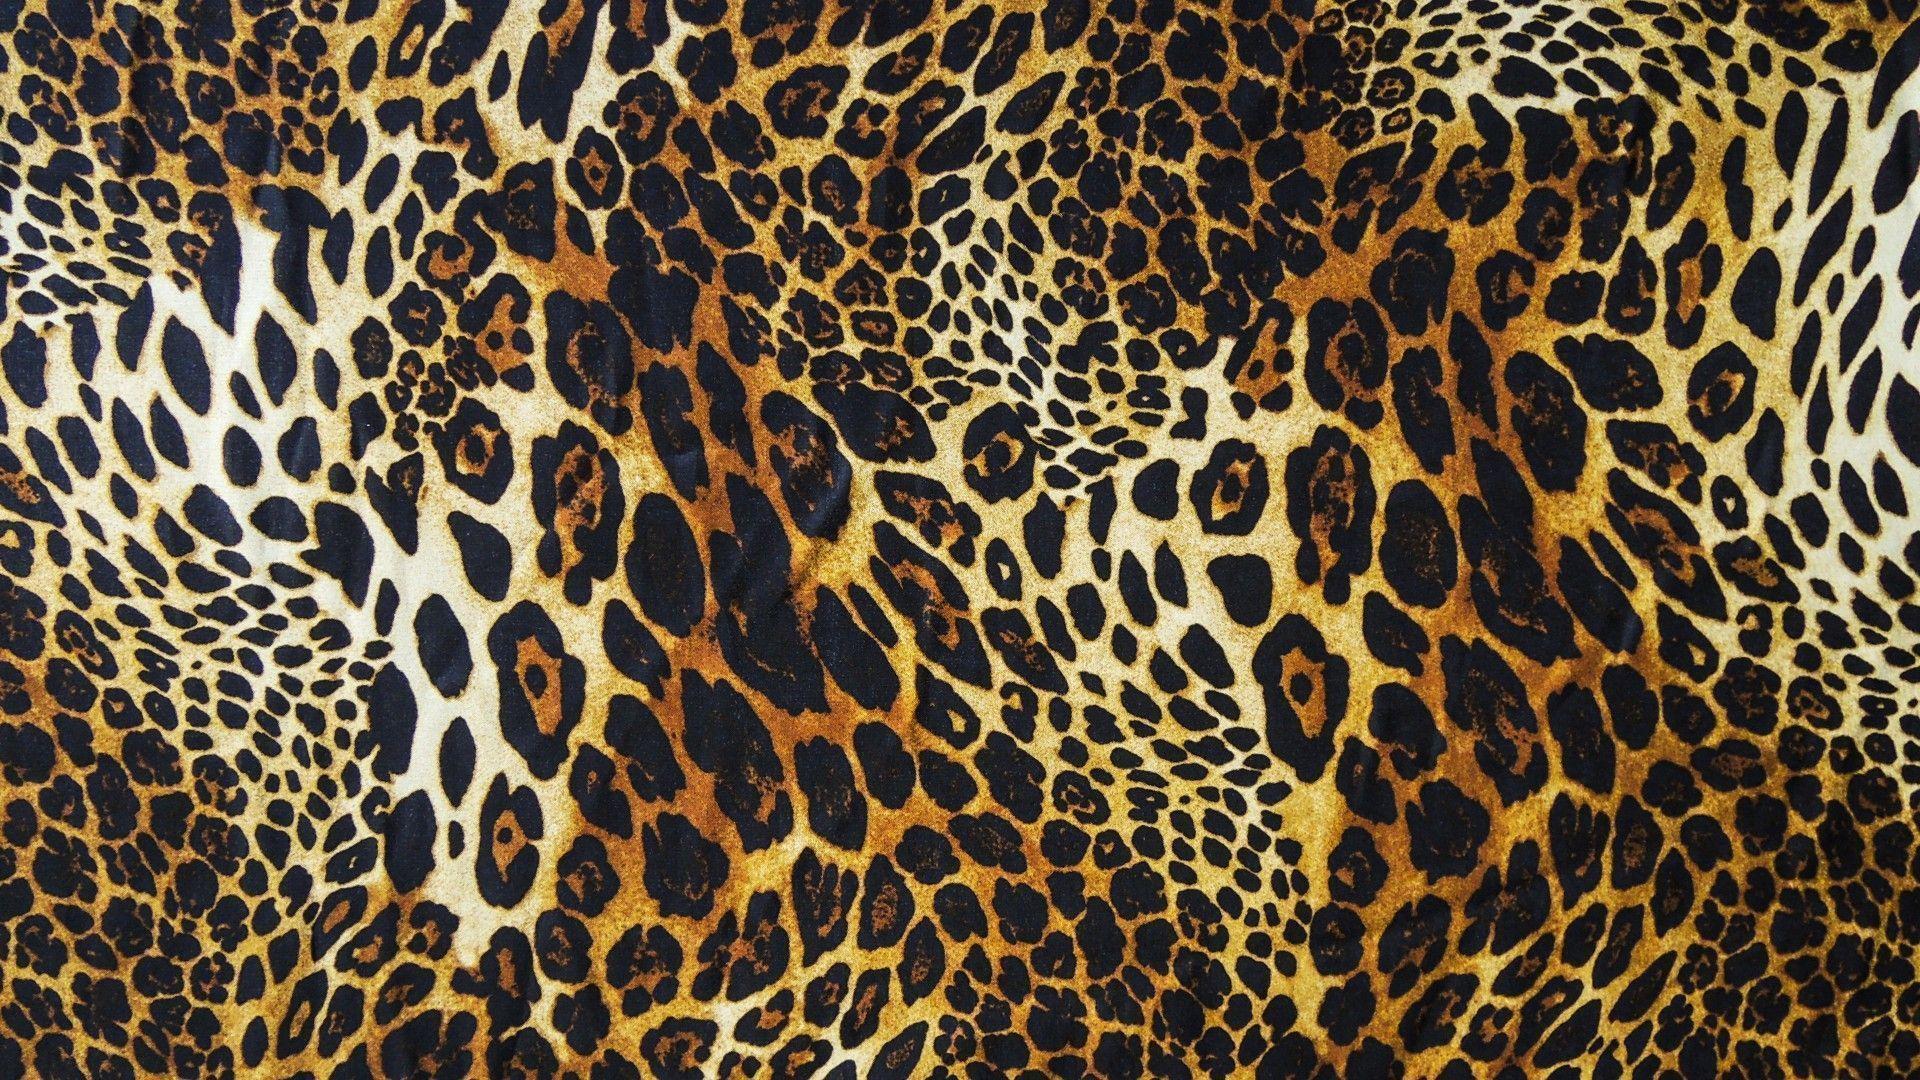 Animal Print Wallpapers Top Free Animal Print